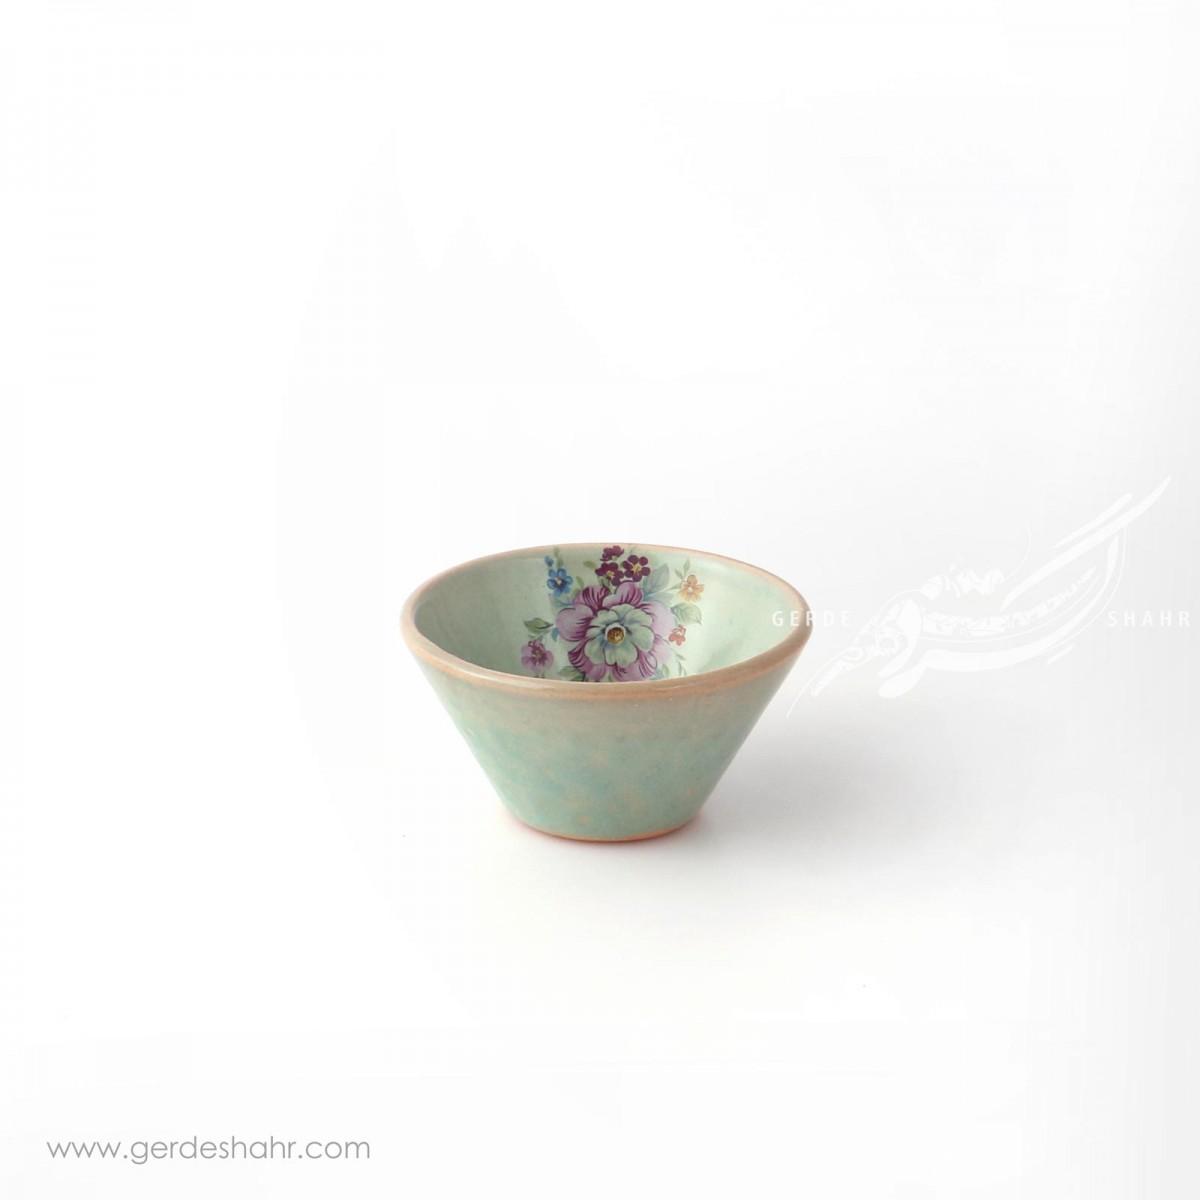 کاسه گود سبز آبی روشن گلدار سایز ۹ ماه فروز محصولات